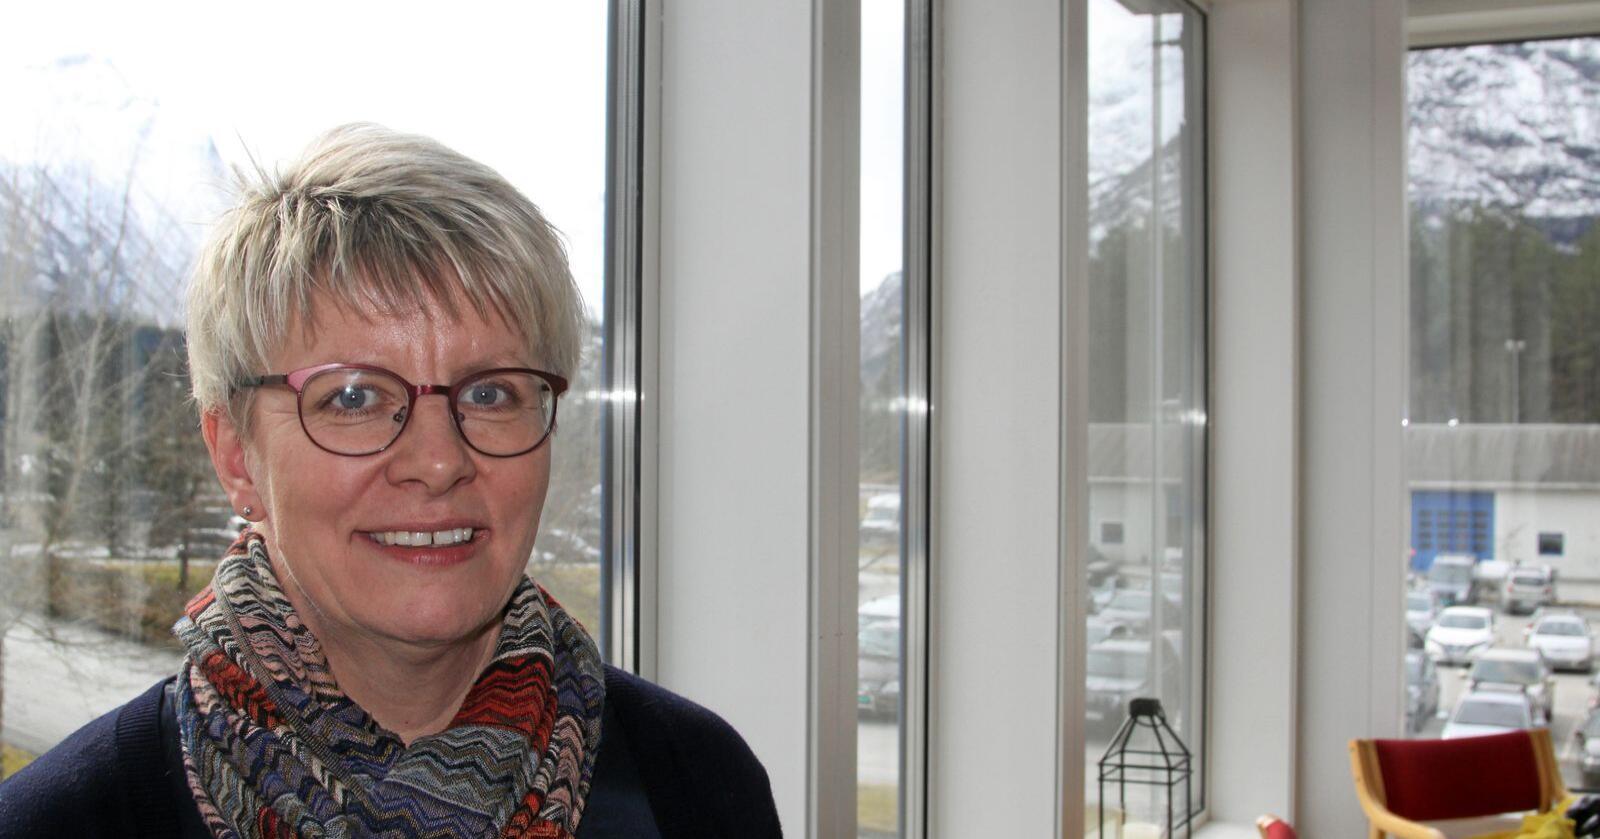 Vi forstår selvfølgelig at vår konkurrent ikke ønsker å gi fra seg «gratis penger», men i Norge trenger vi konkurranse på like vilkår. Det har vi ikke i dag, skriver Marit Haugen, melkebonde, eier og styreleder i Tine. Foto: Janne Grete Aspen